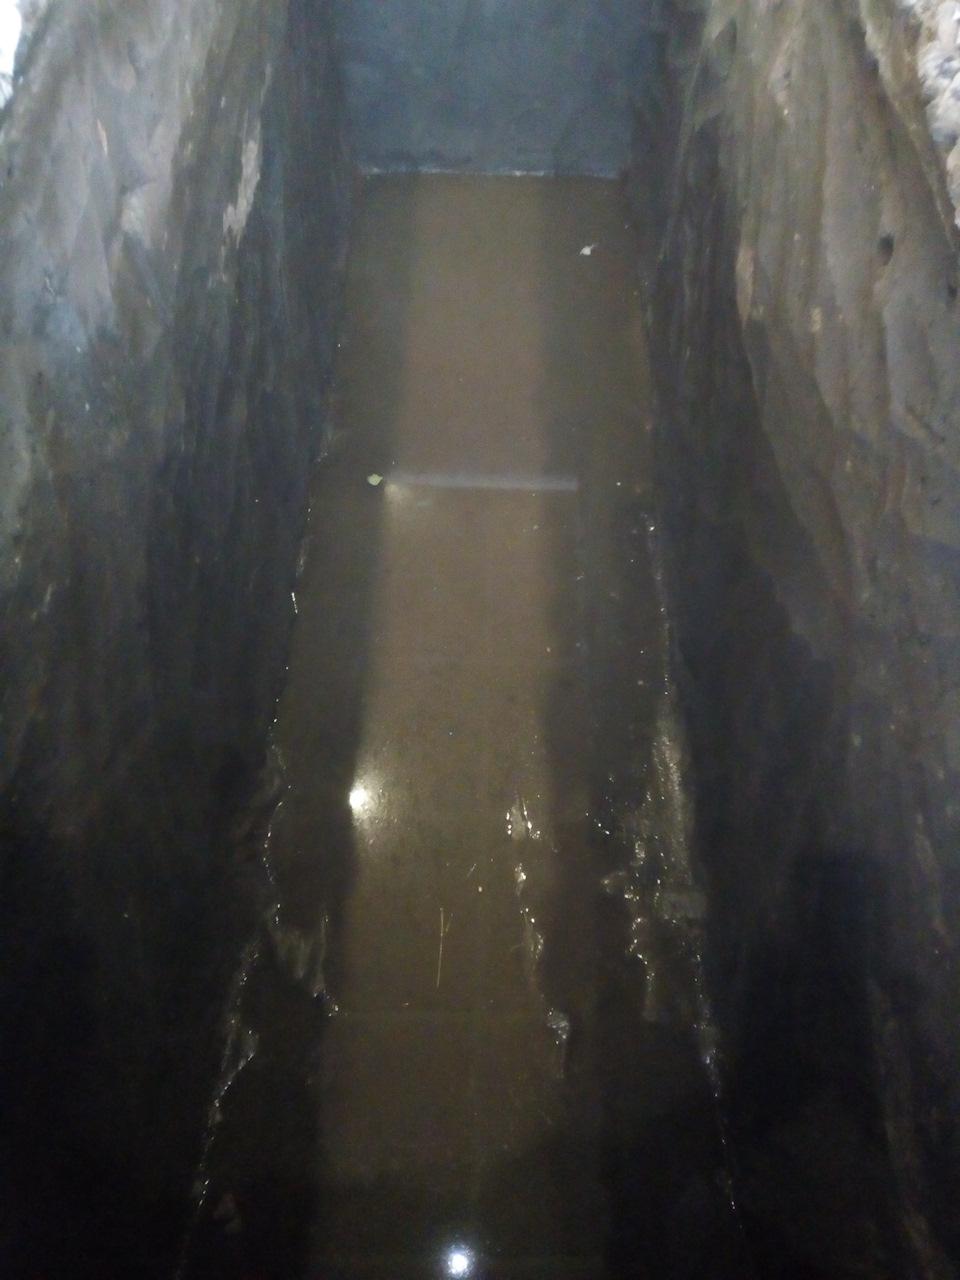 6f87j4k25e 960 - Яма в гараже грунтовые воды